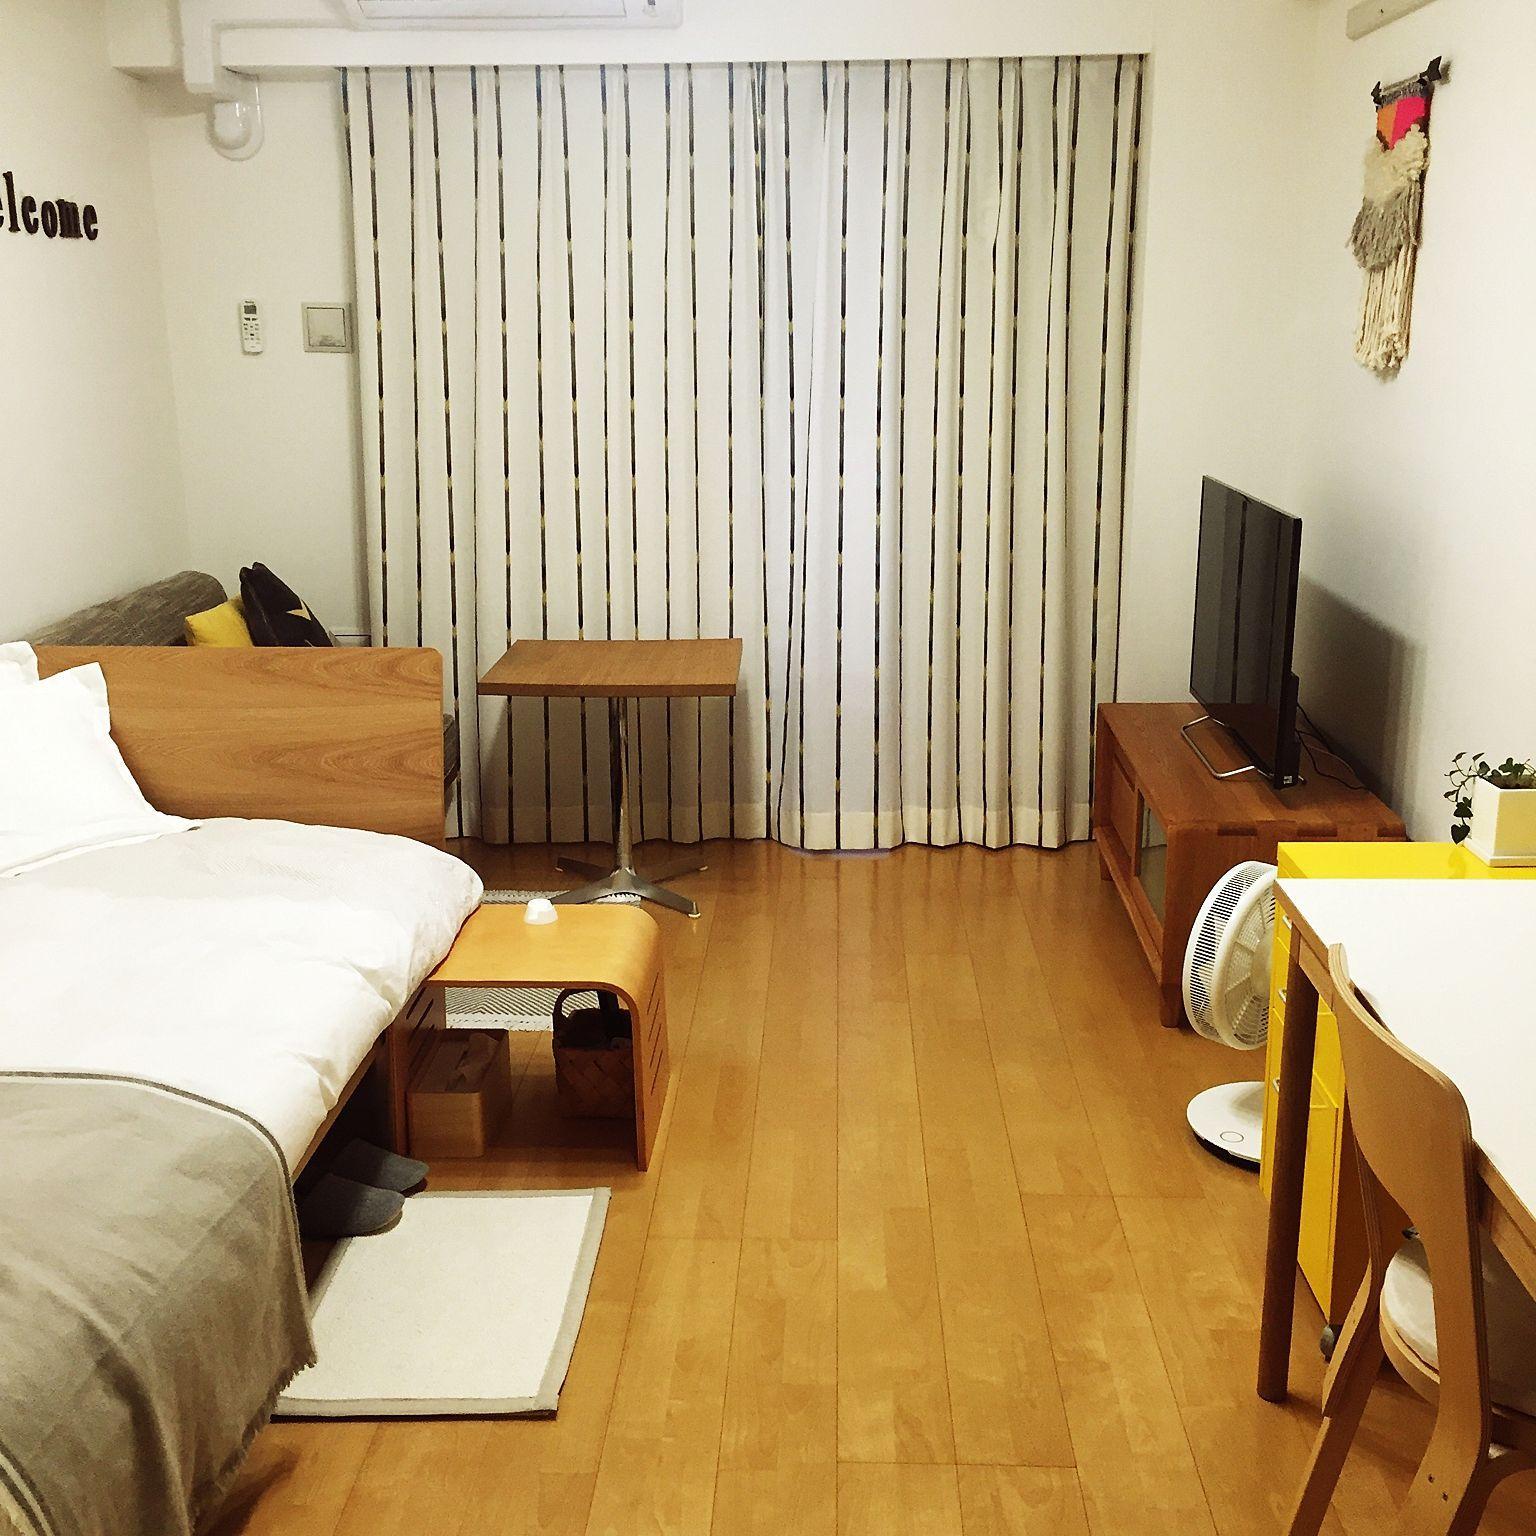 部屋全体 8畳 ワンルーム 一人暮らし 賃貸のインテリア実例 2015 10 26 21 14 10 Roomclip ルームクリップ 8畳 インテリア インテリア 1人暮らし インテリア